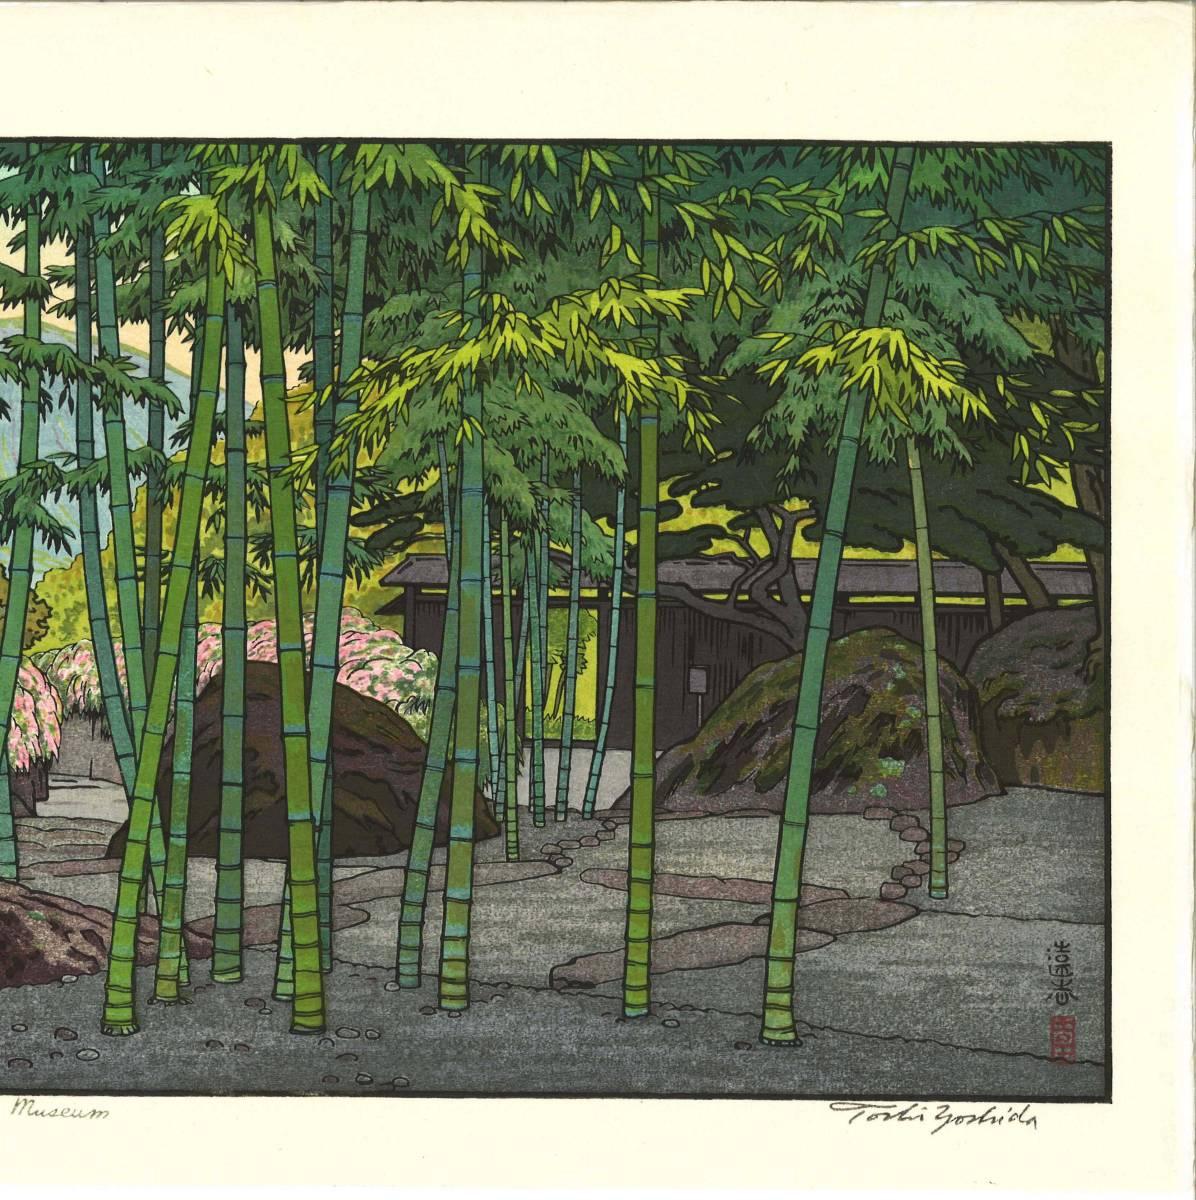 吉田遠志 木版画 015402 箱根神仙郷 竹のお庭 (Bamboo Garden,Hakone Museum) 初摺1954年  最高峰の摺師の技をご堪能下さい!!_画像5